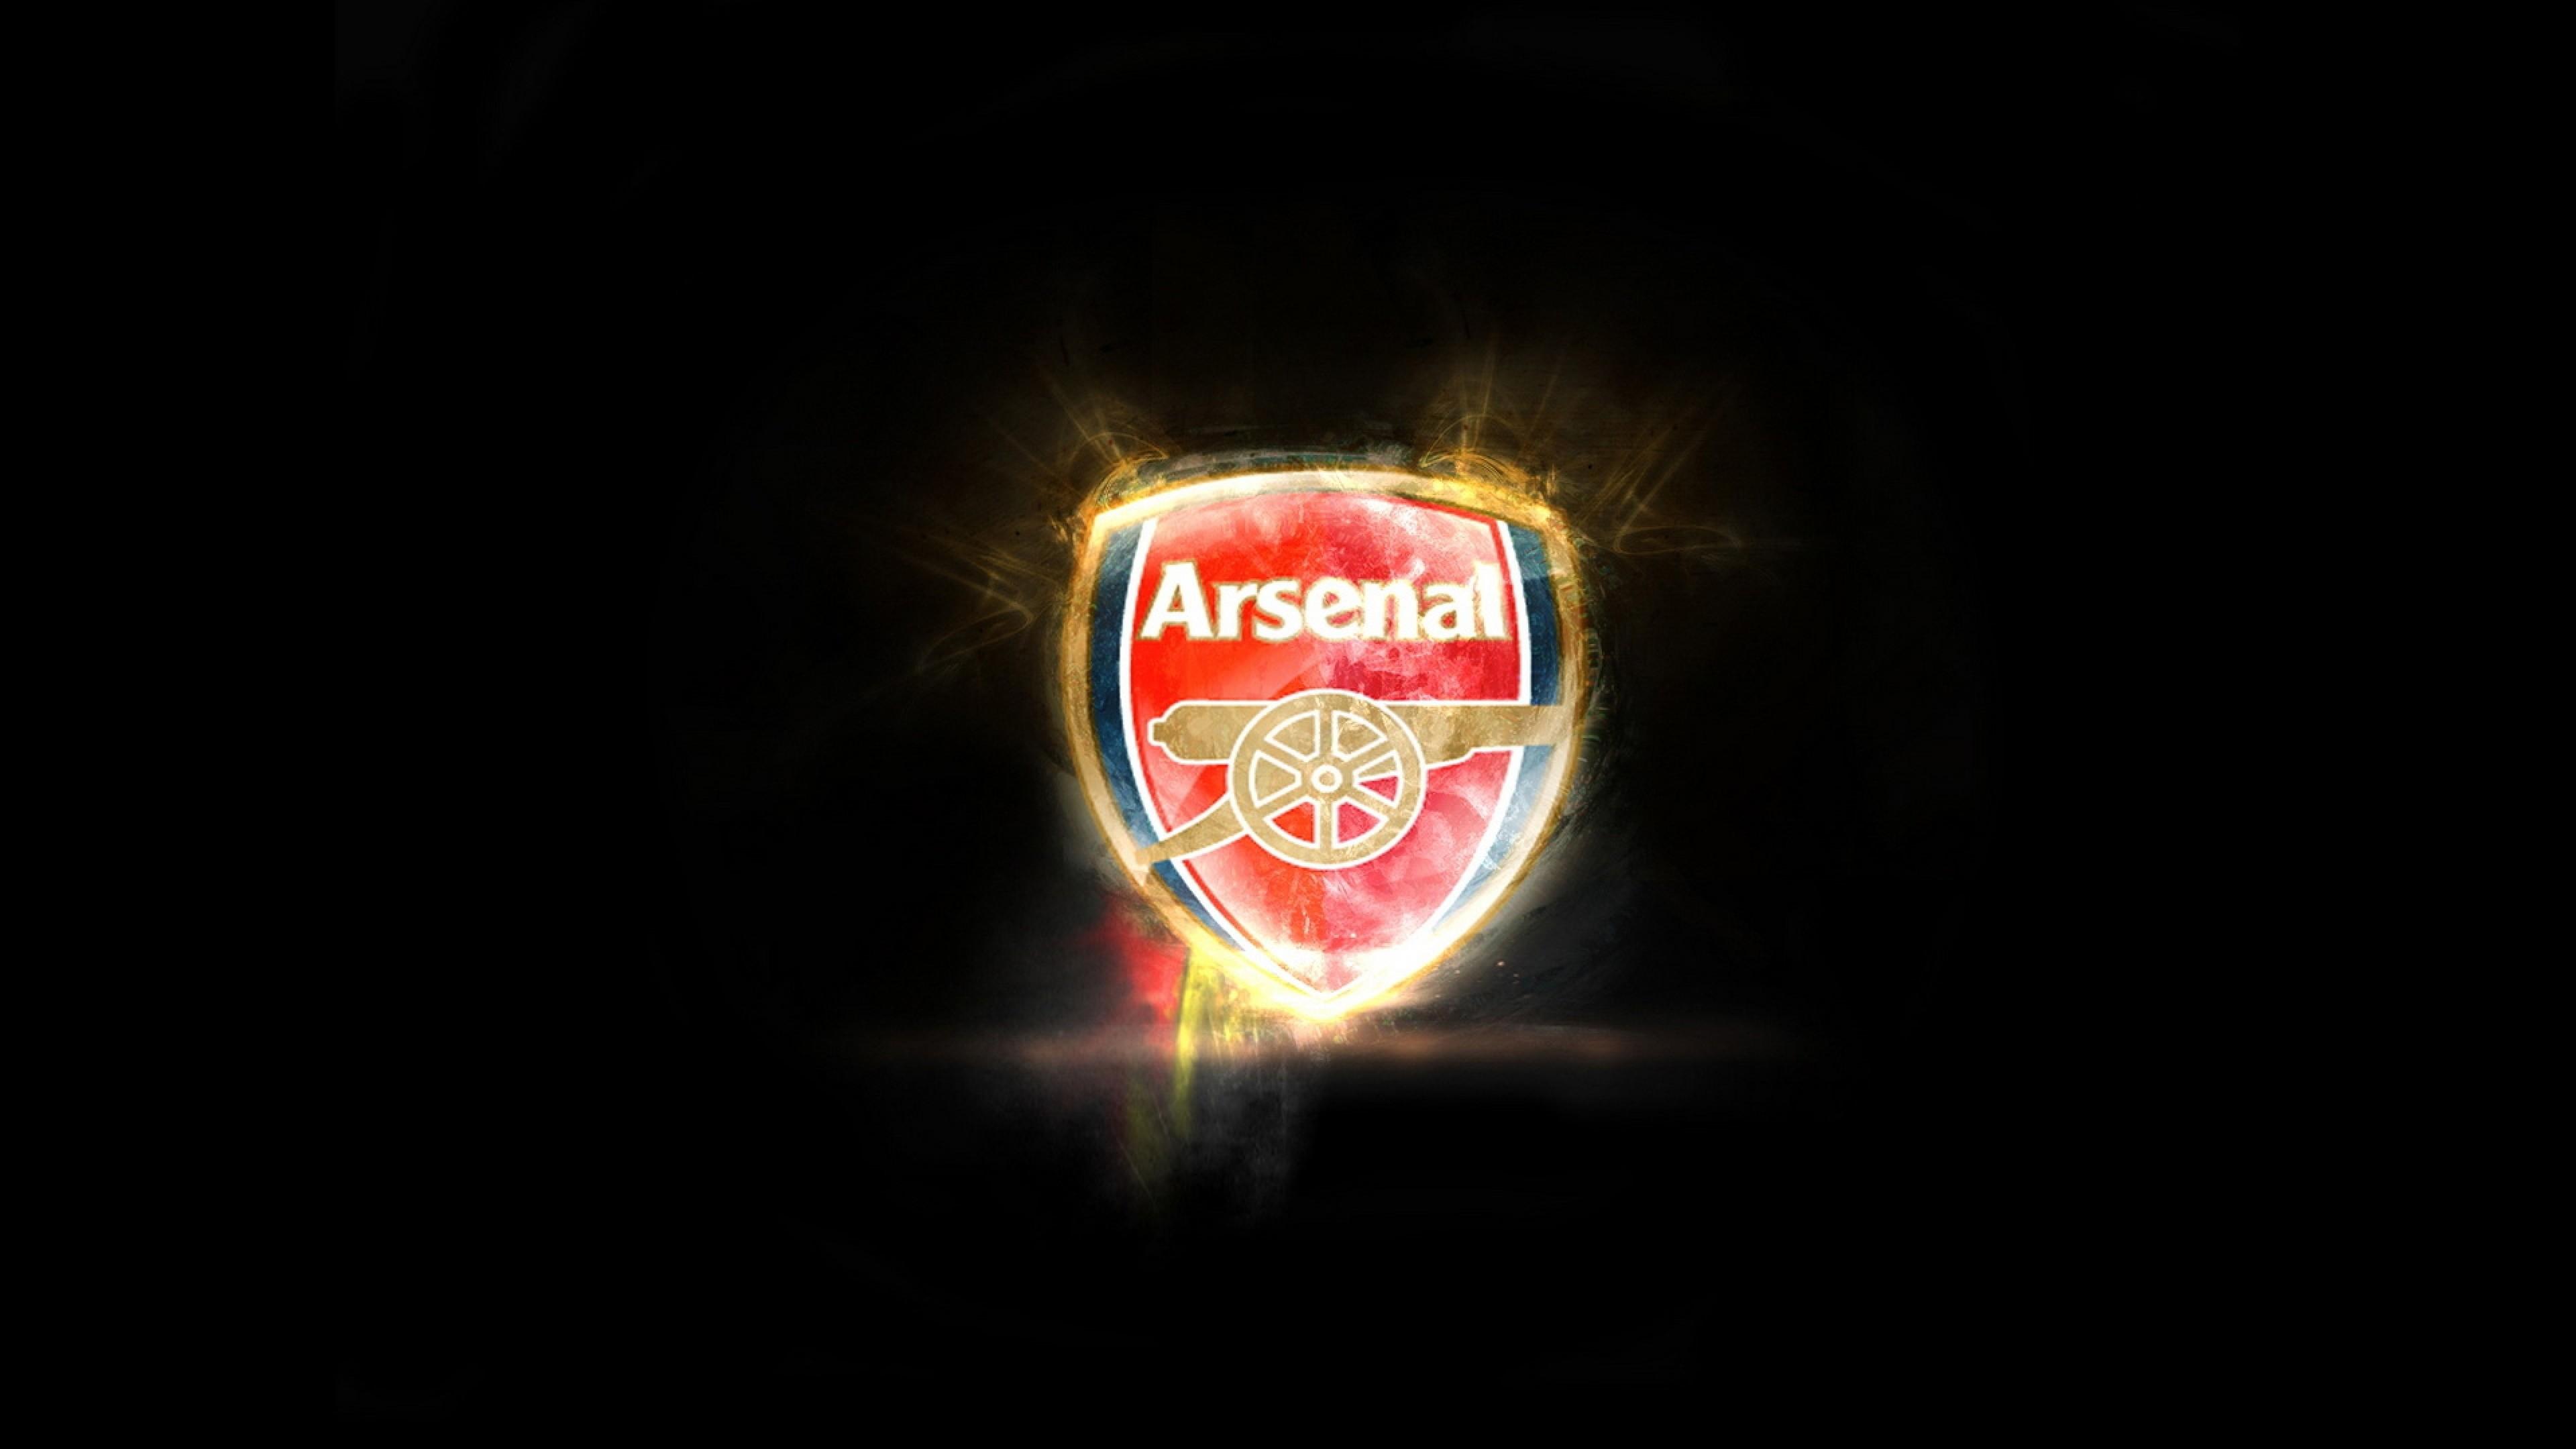 Arsenal: Arsenal Logo Wallpaper 2018 ·①